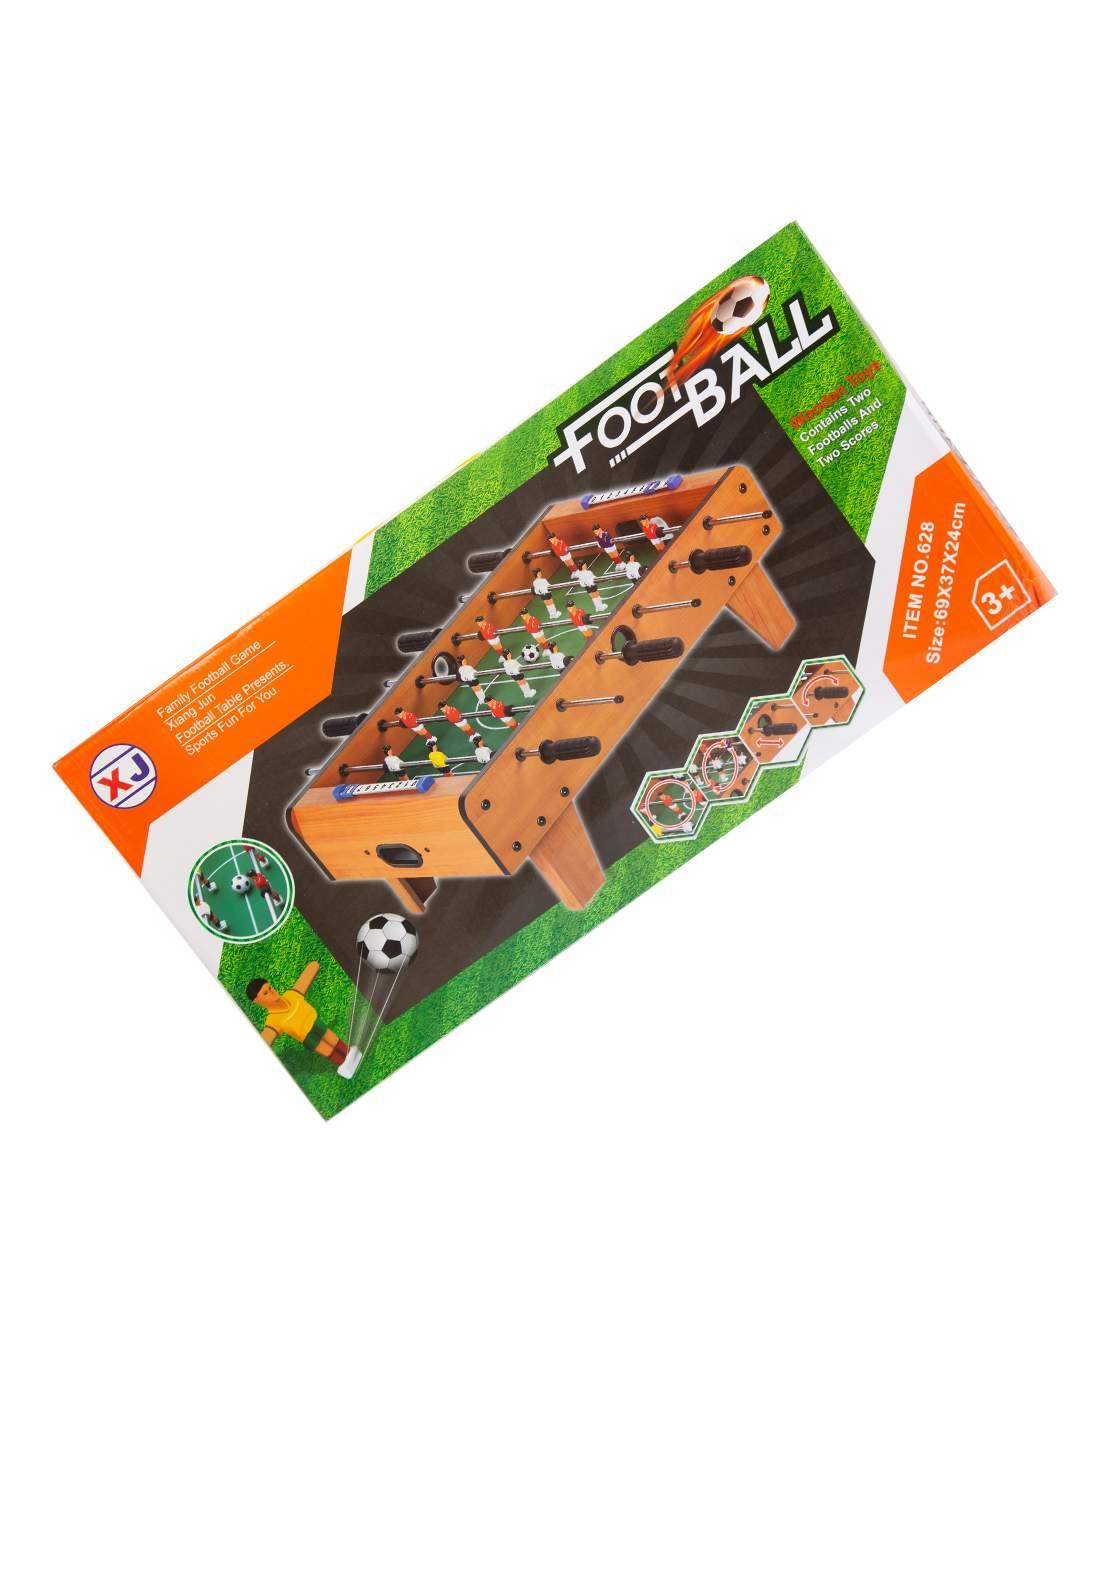 Table Football For Kids كرة قدم الطاولة للاطفال